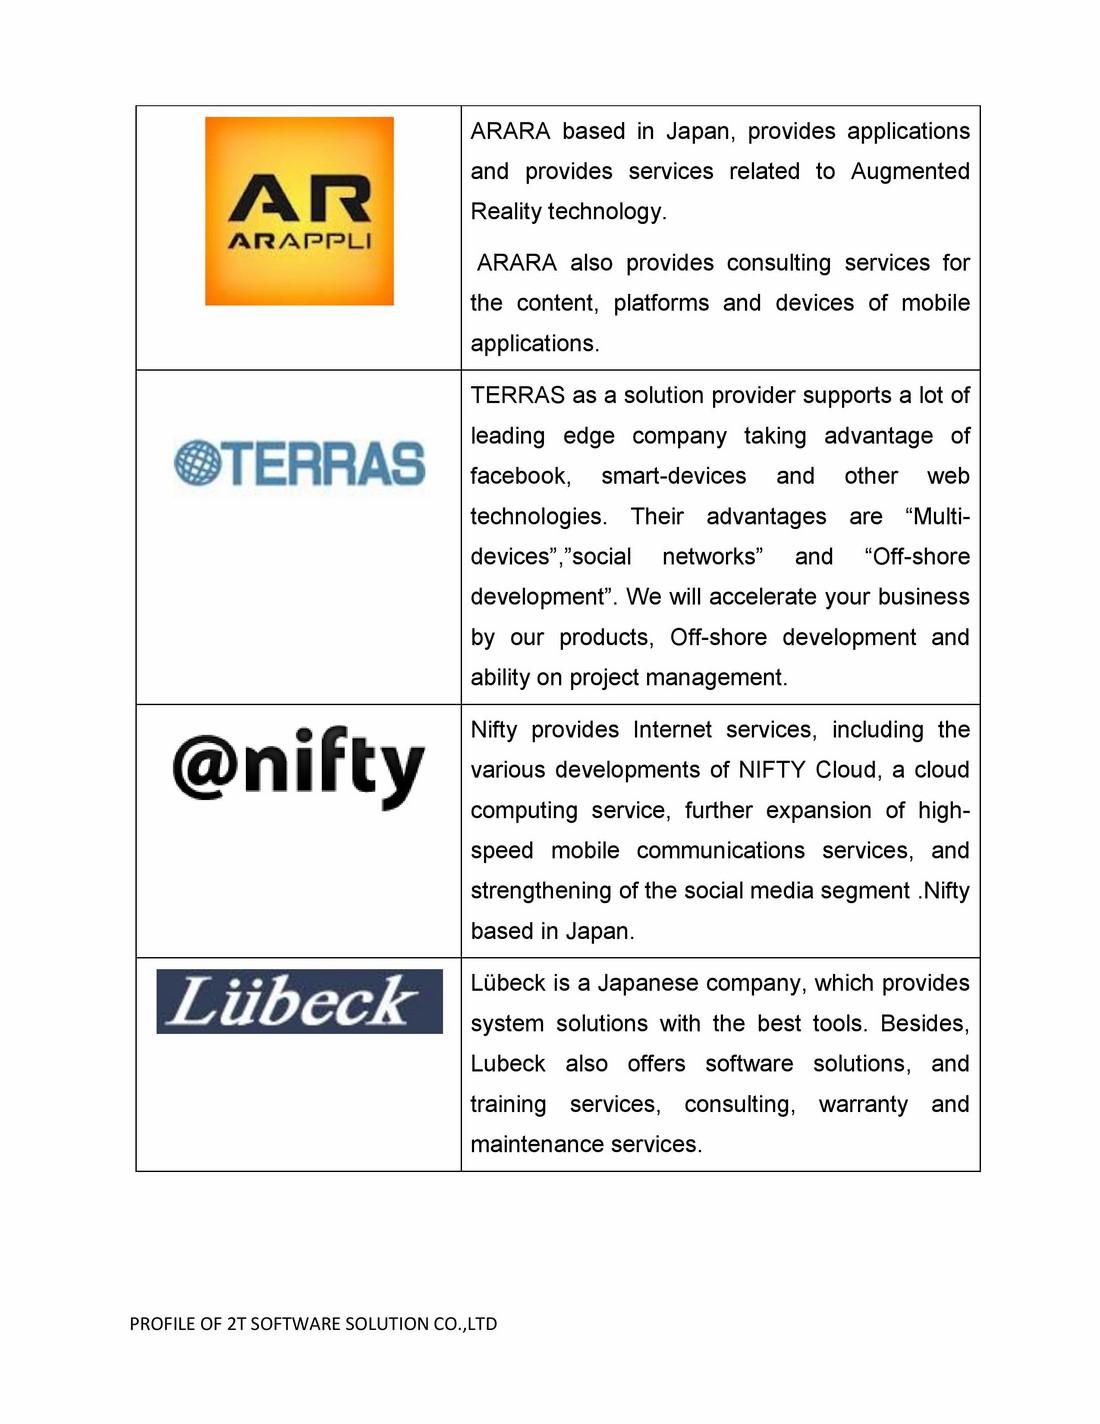 2TS Profile_eng-page-041 (Copy)